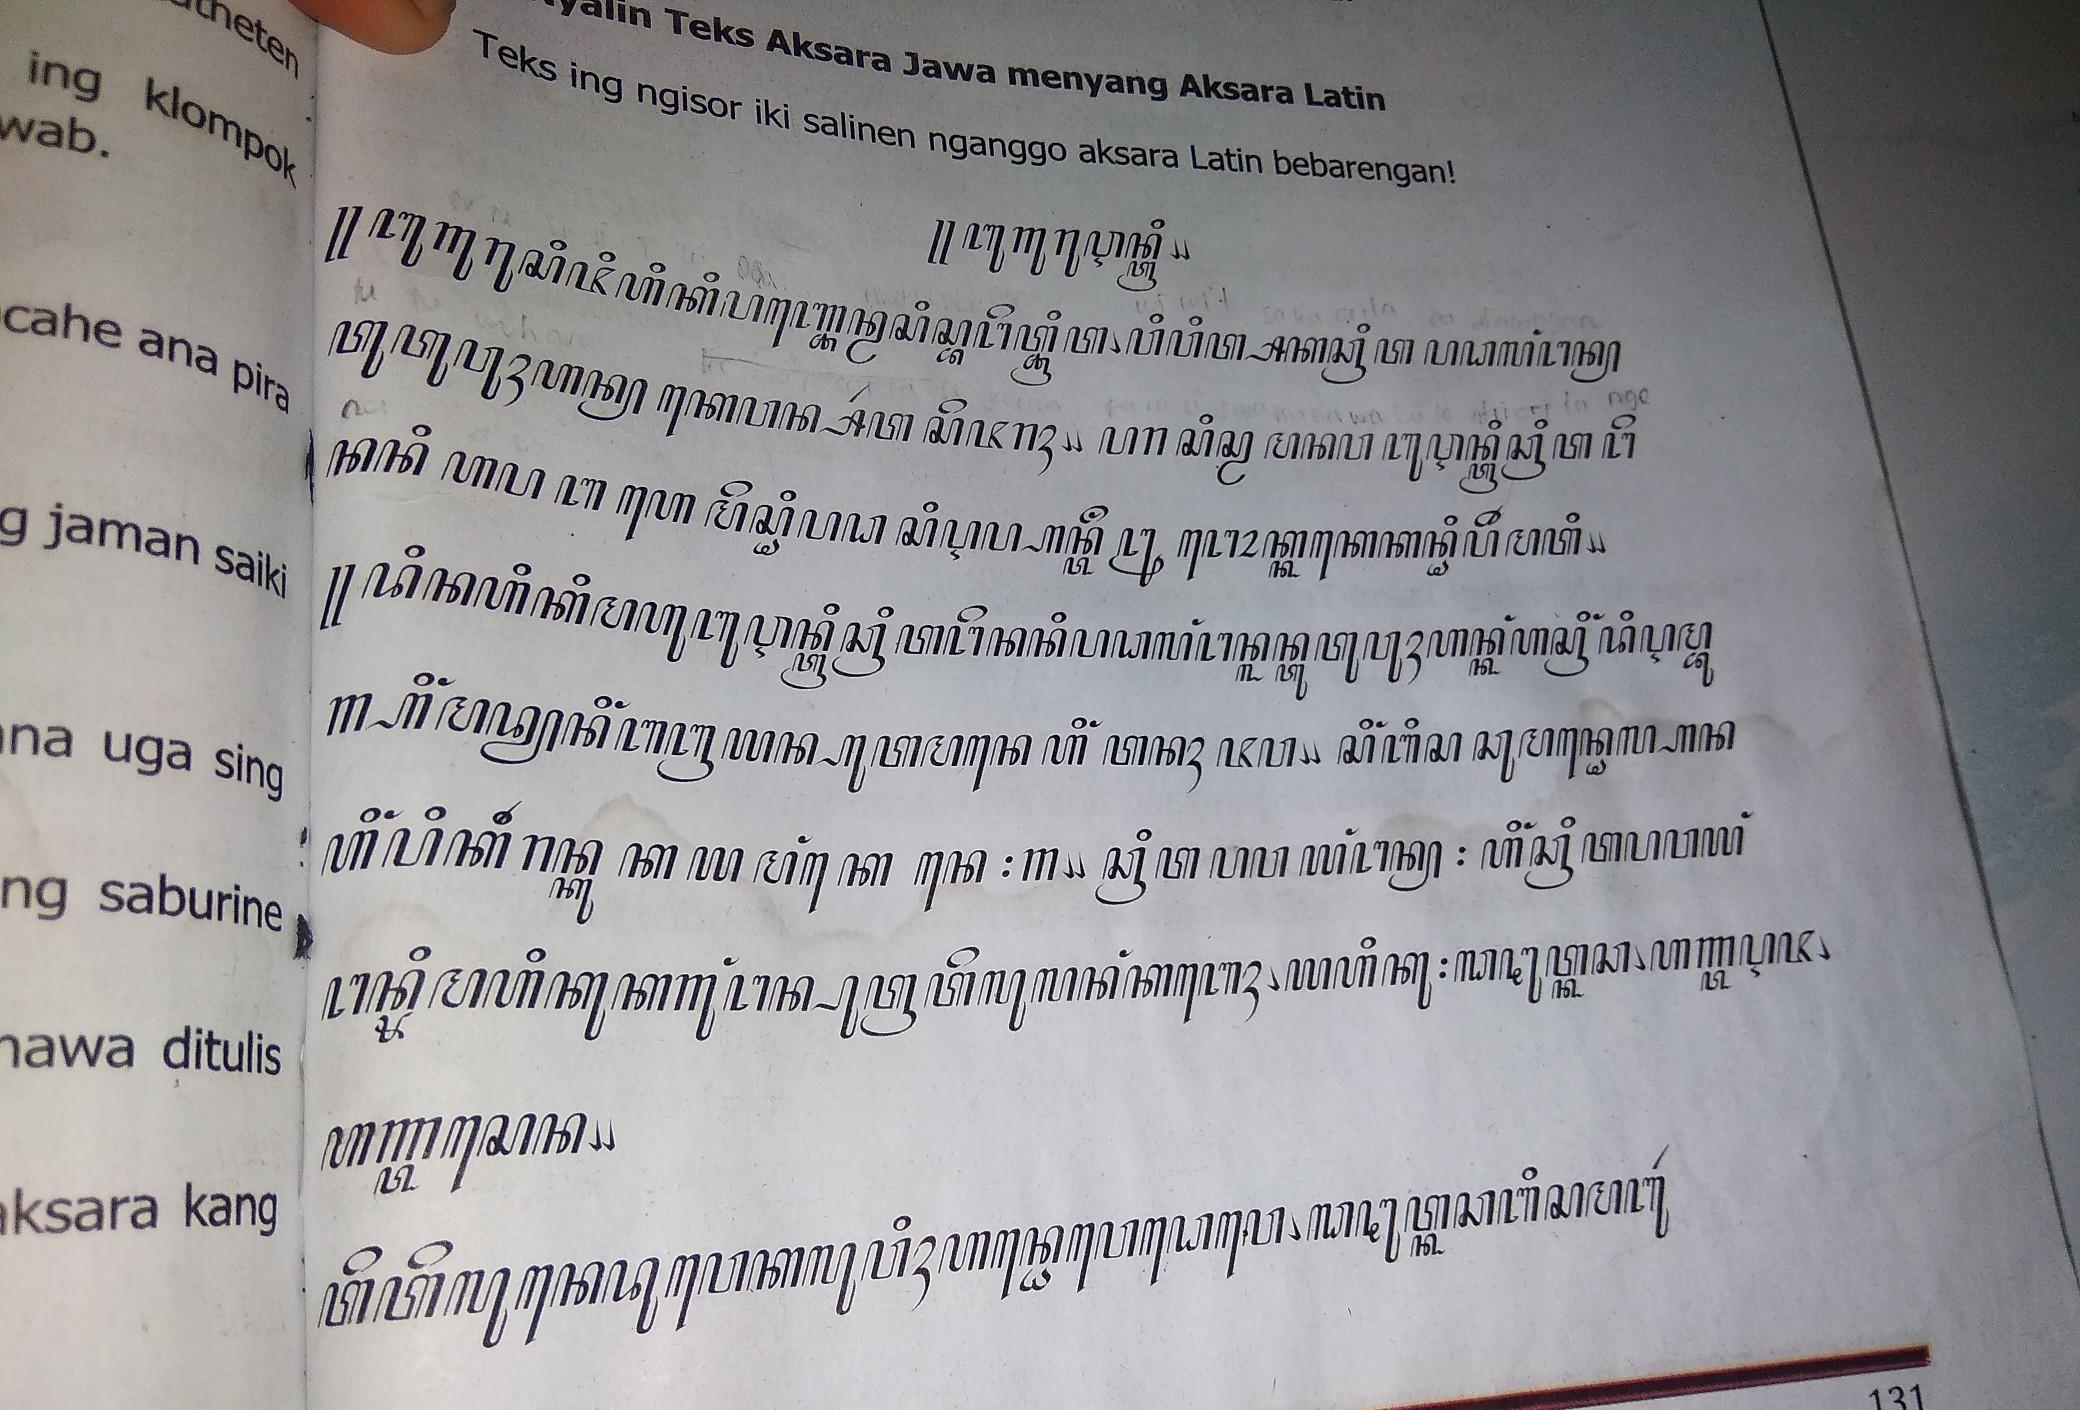 Nyalin Teks Aksara Jawa Menyang Aksara Latin Tolong Bantuannya Ya Brainly Co Id